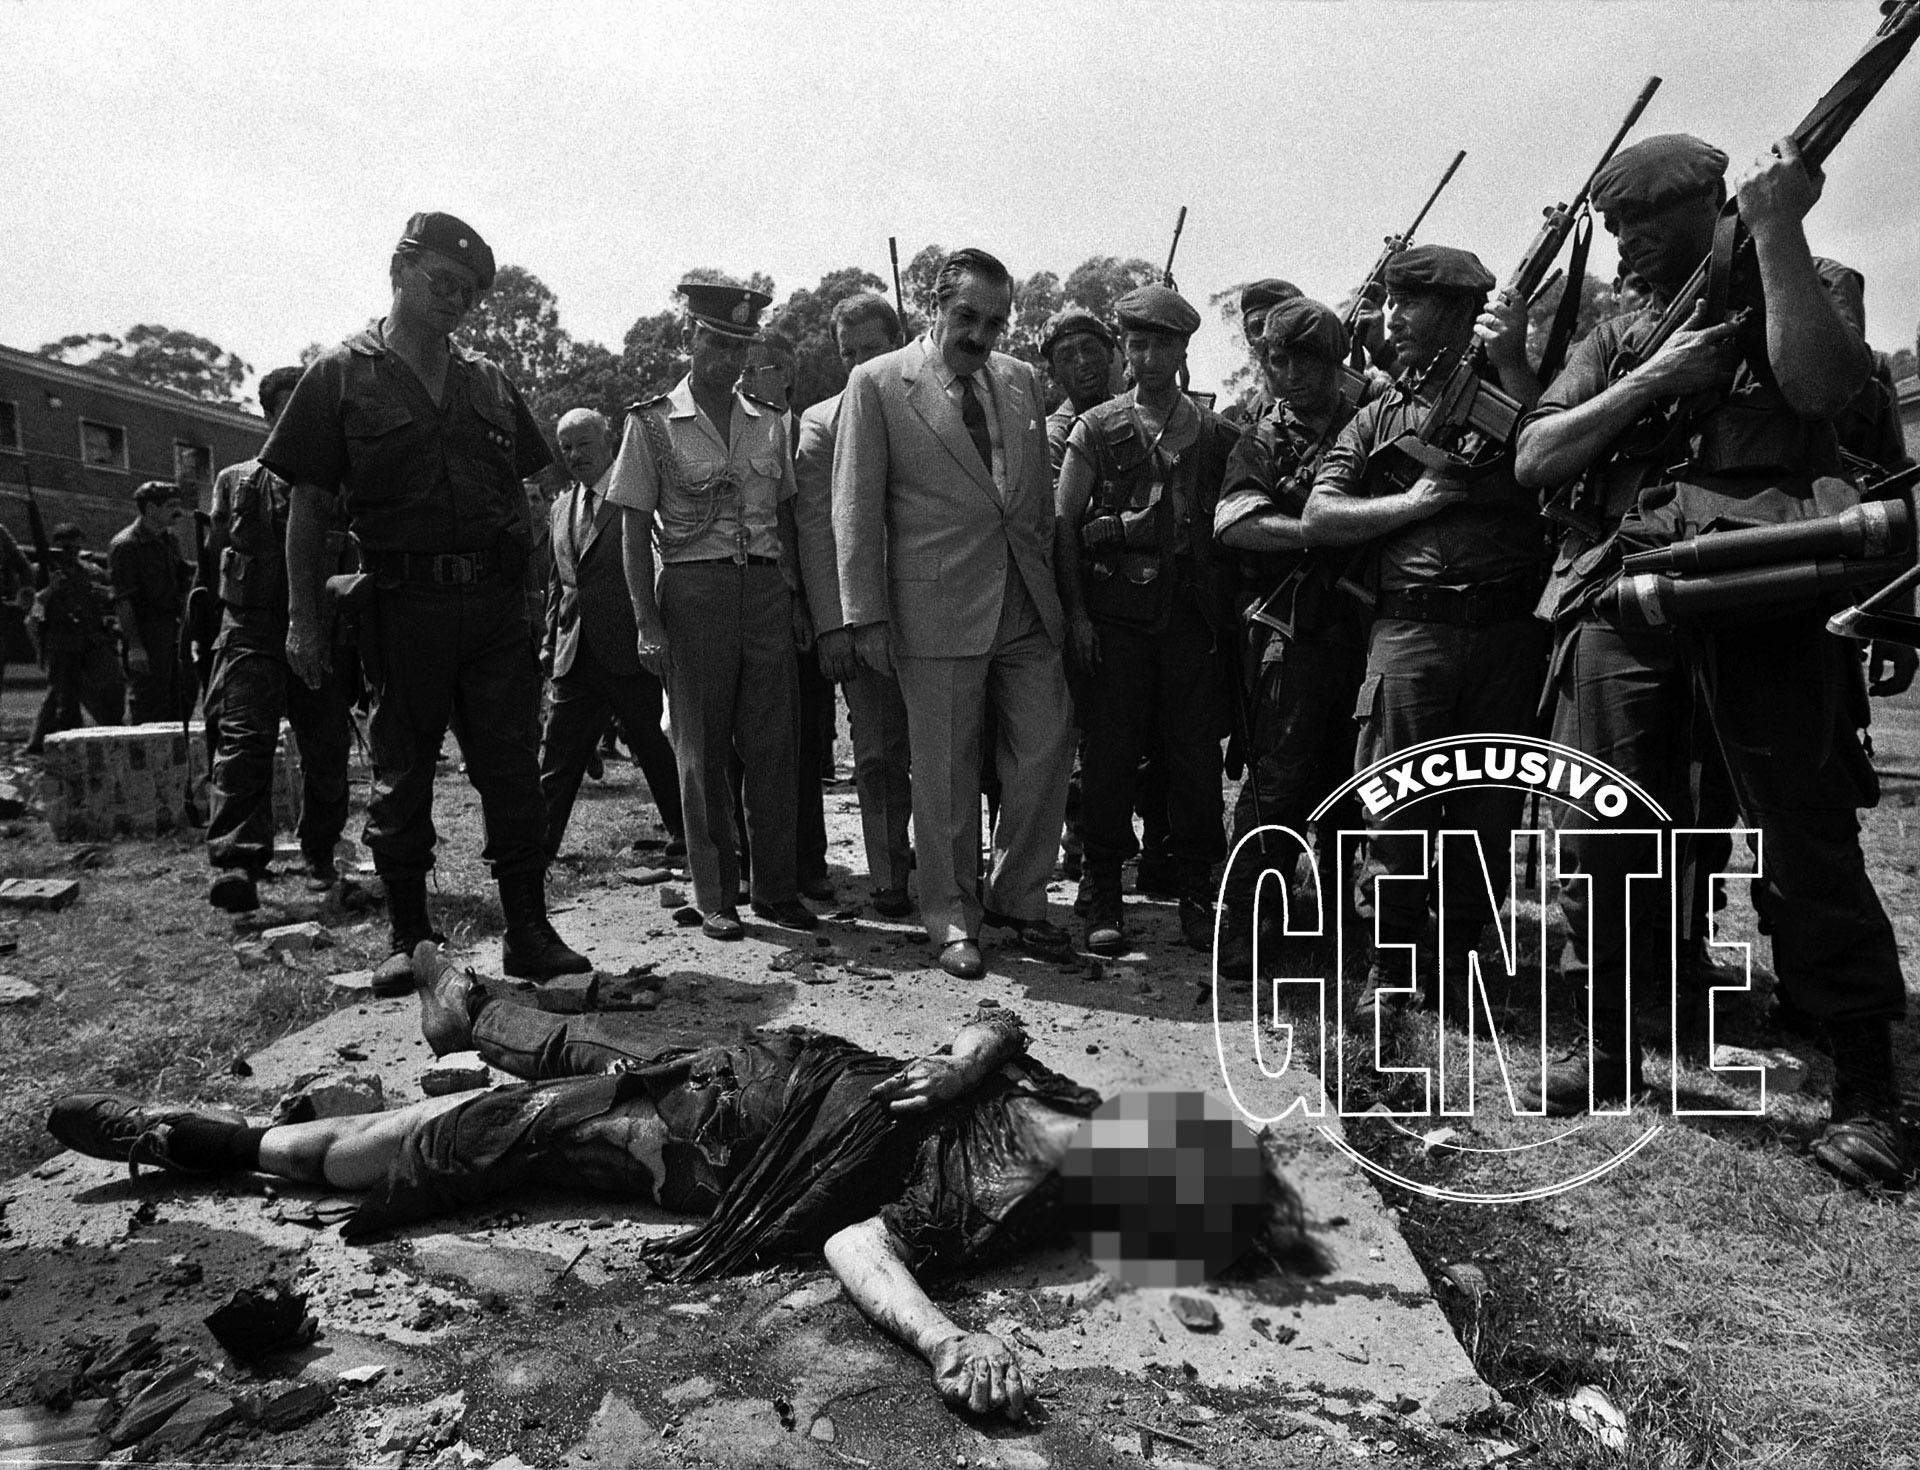 """Alfonsín recorrió gran parte del Regimiento. Esa noche se dirigió al país por cadena nacional, condenando la """"cruel acción de los personeros de la muerte"""" y felicitando """"la decisión y el coraje de quienes defendieron la independencia y la soberanía popular""""."""